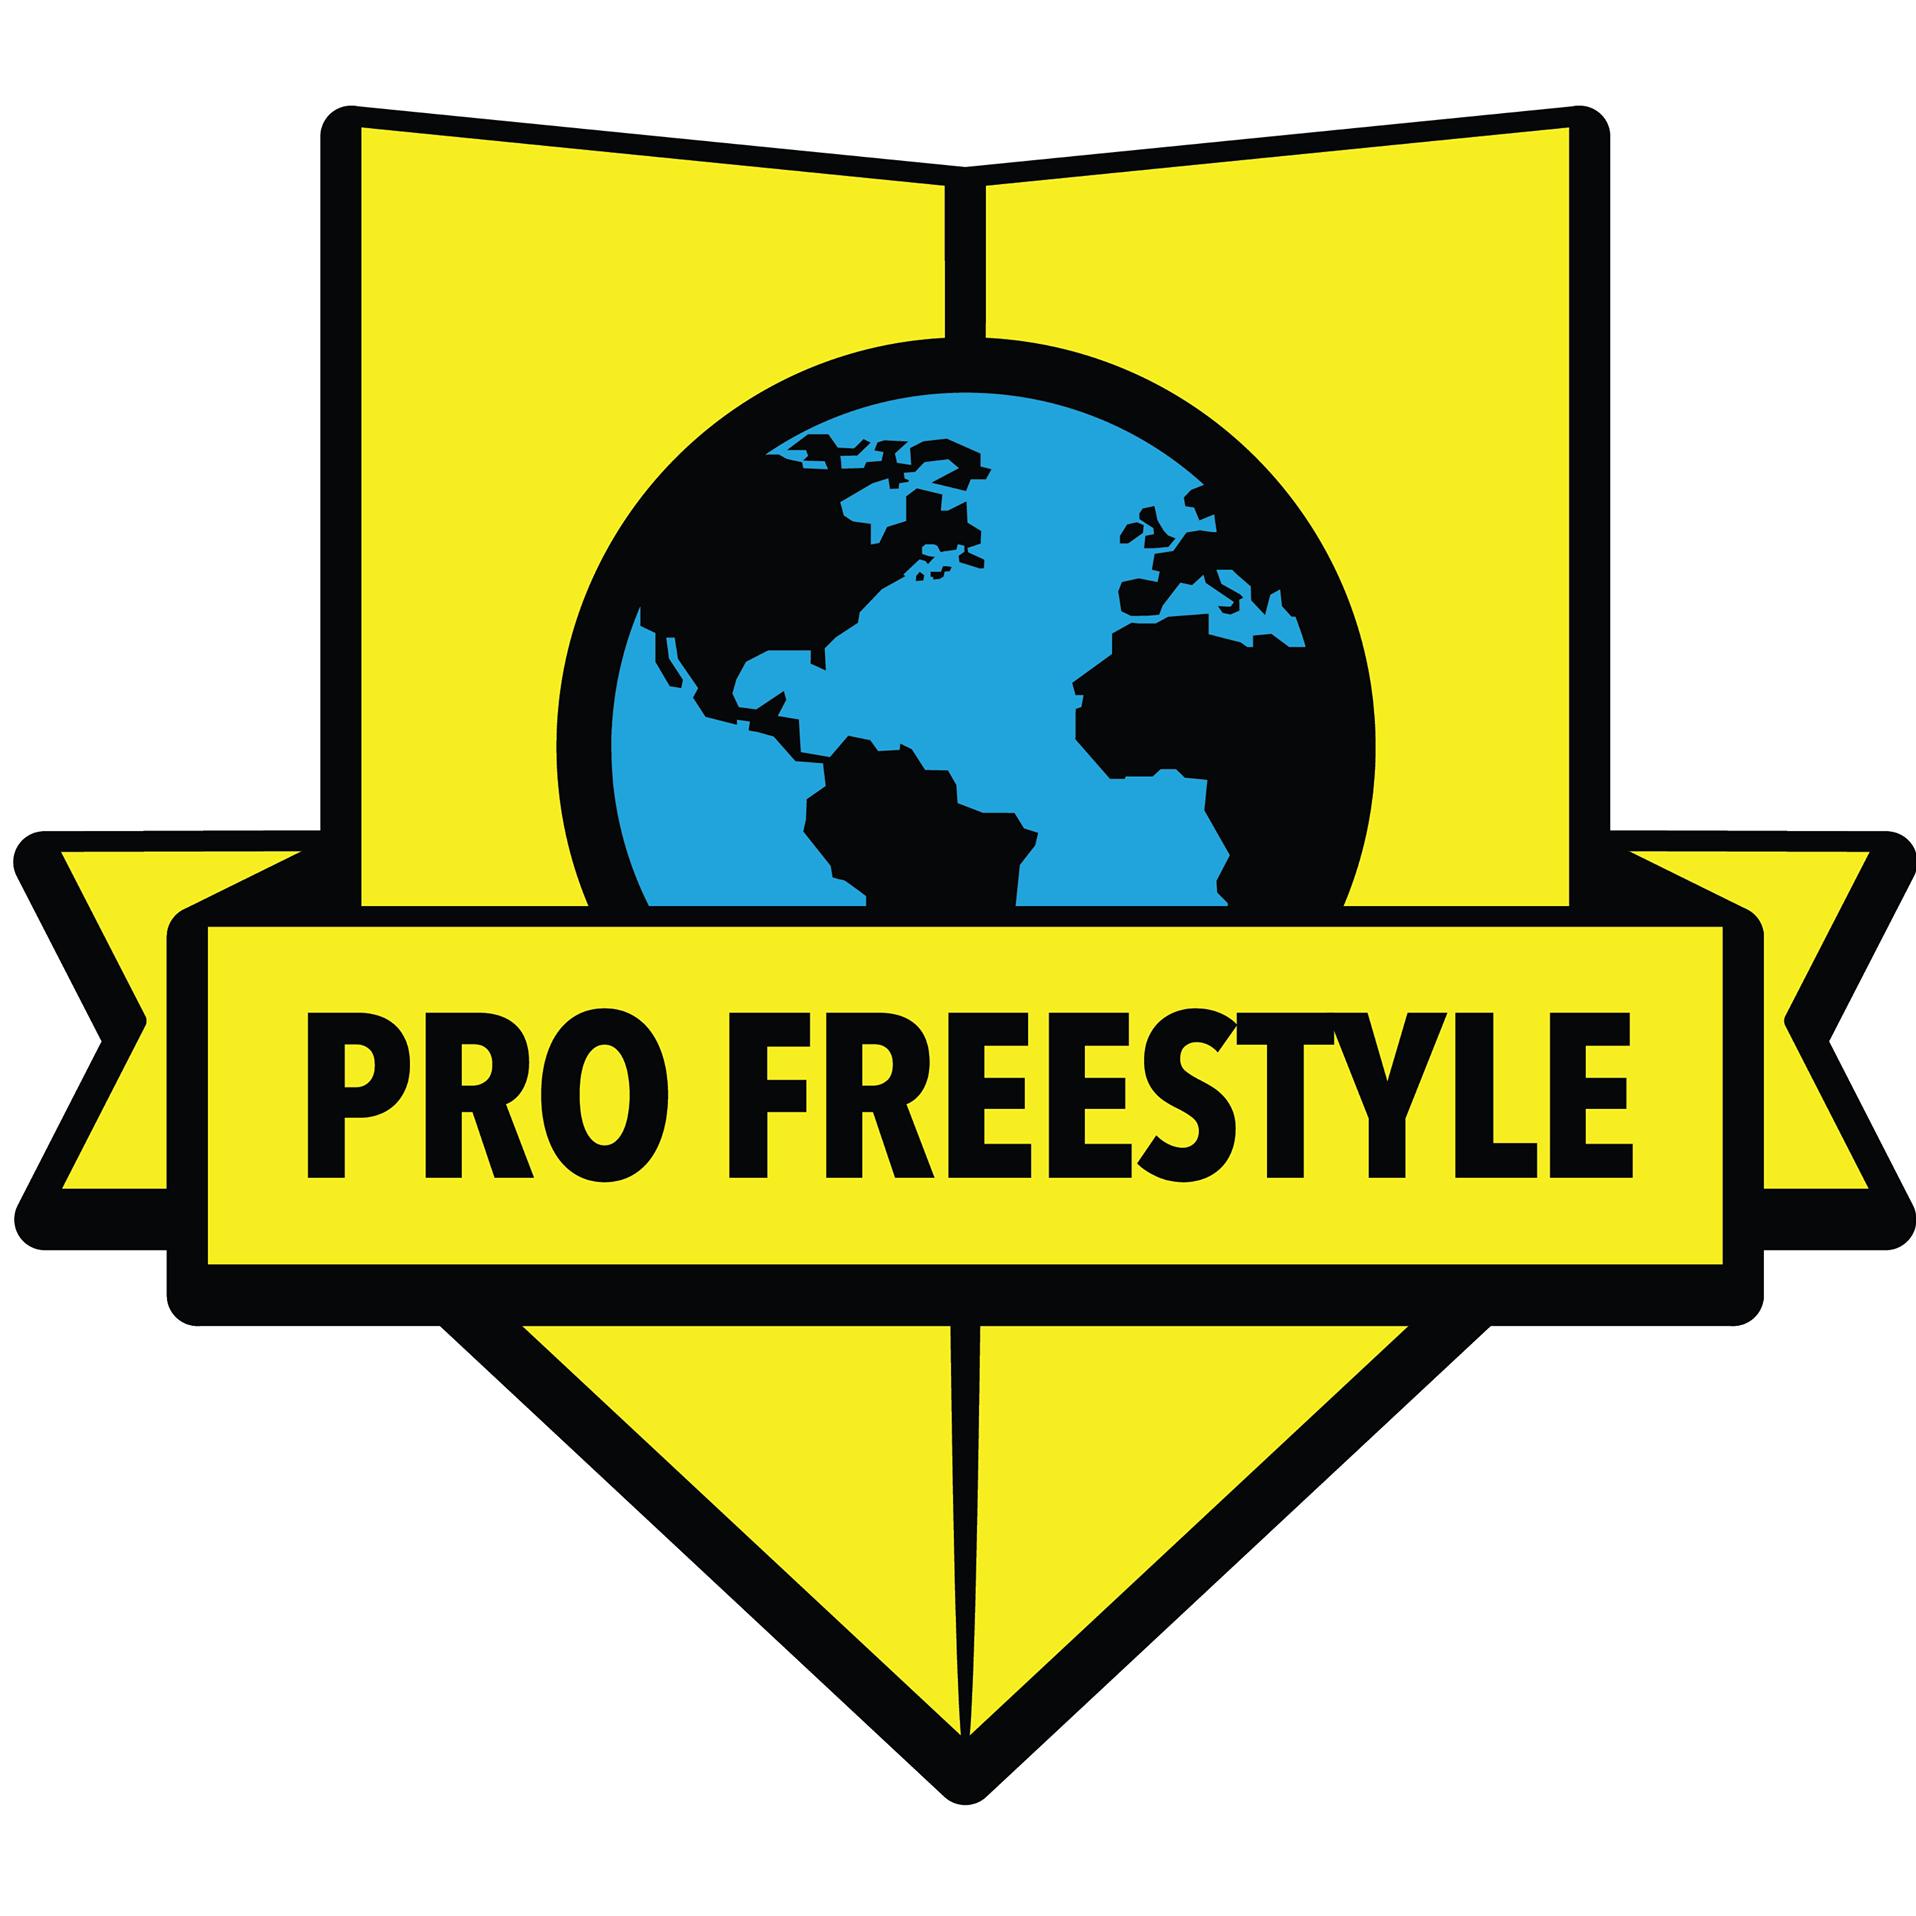 Pro Freestyle 2018 Scheveningen